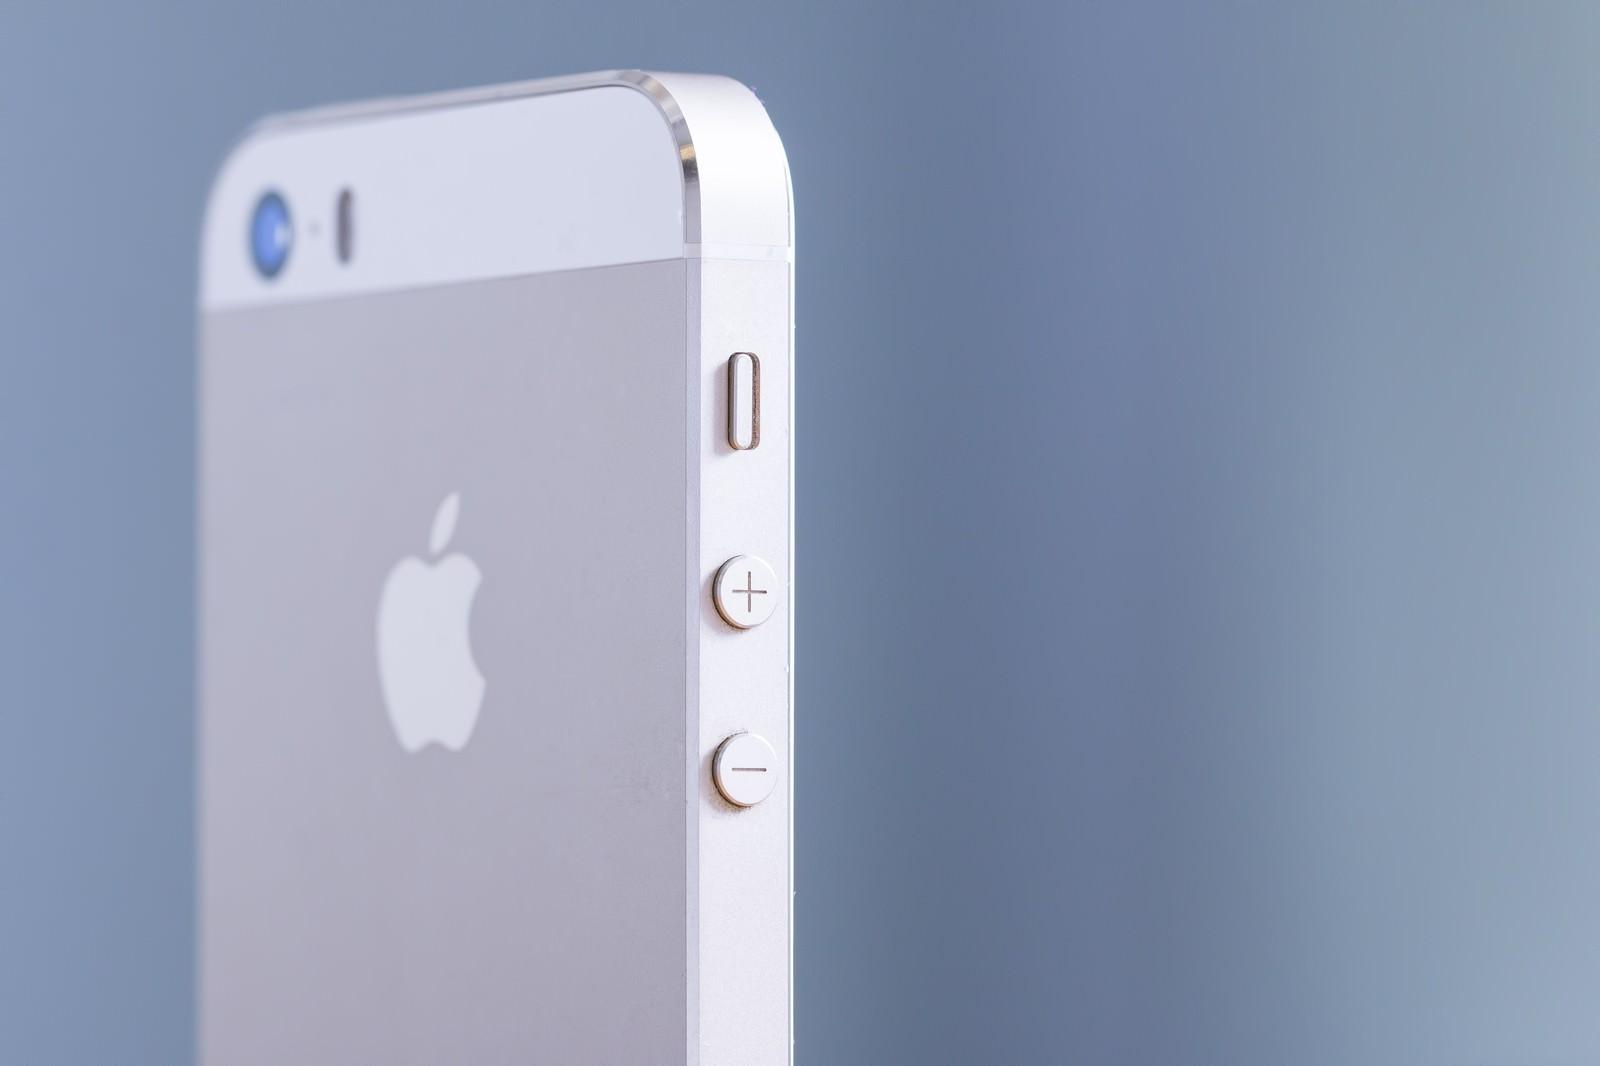 「スマートフォンの側面(音量ボタン)」の写真